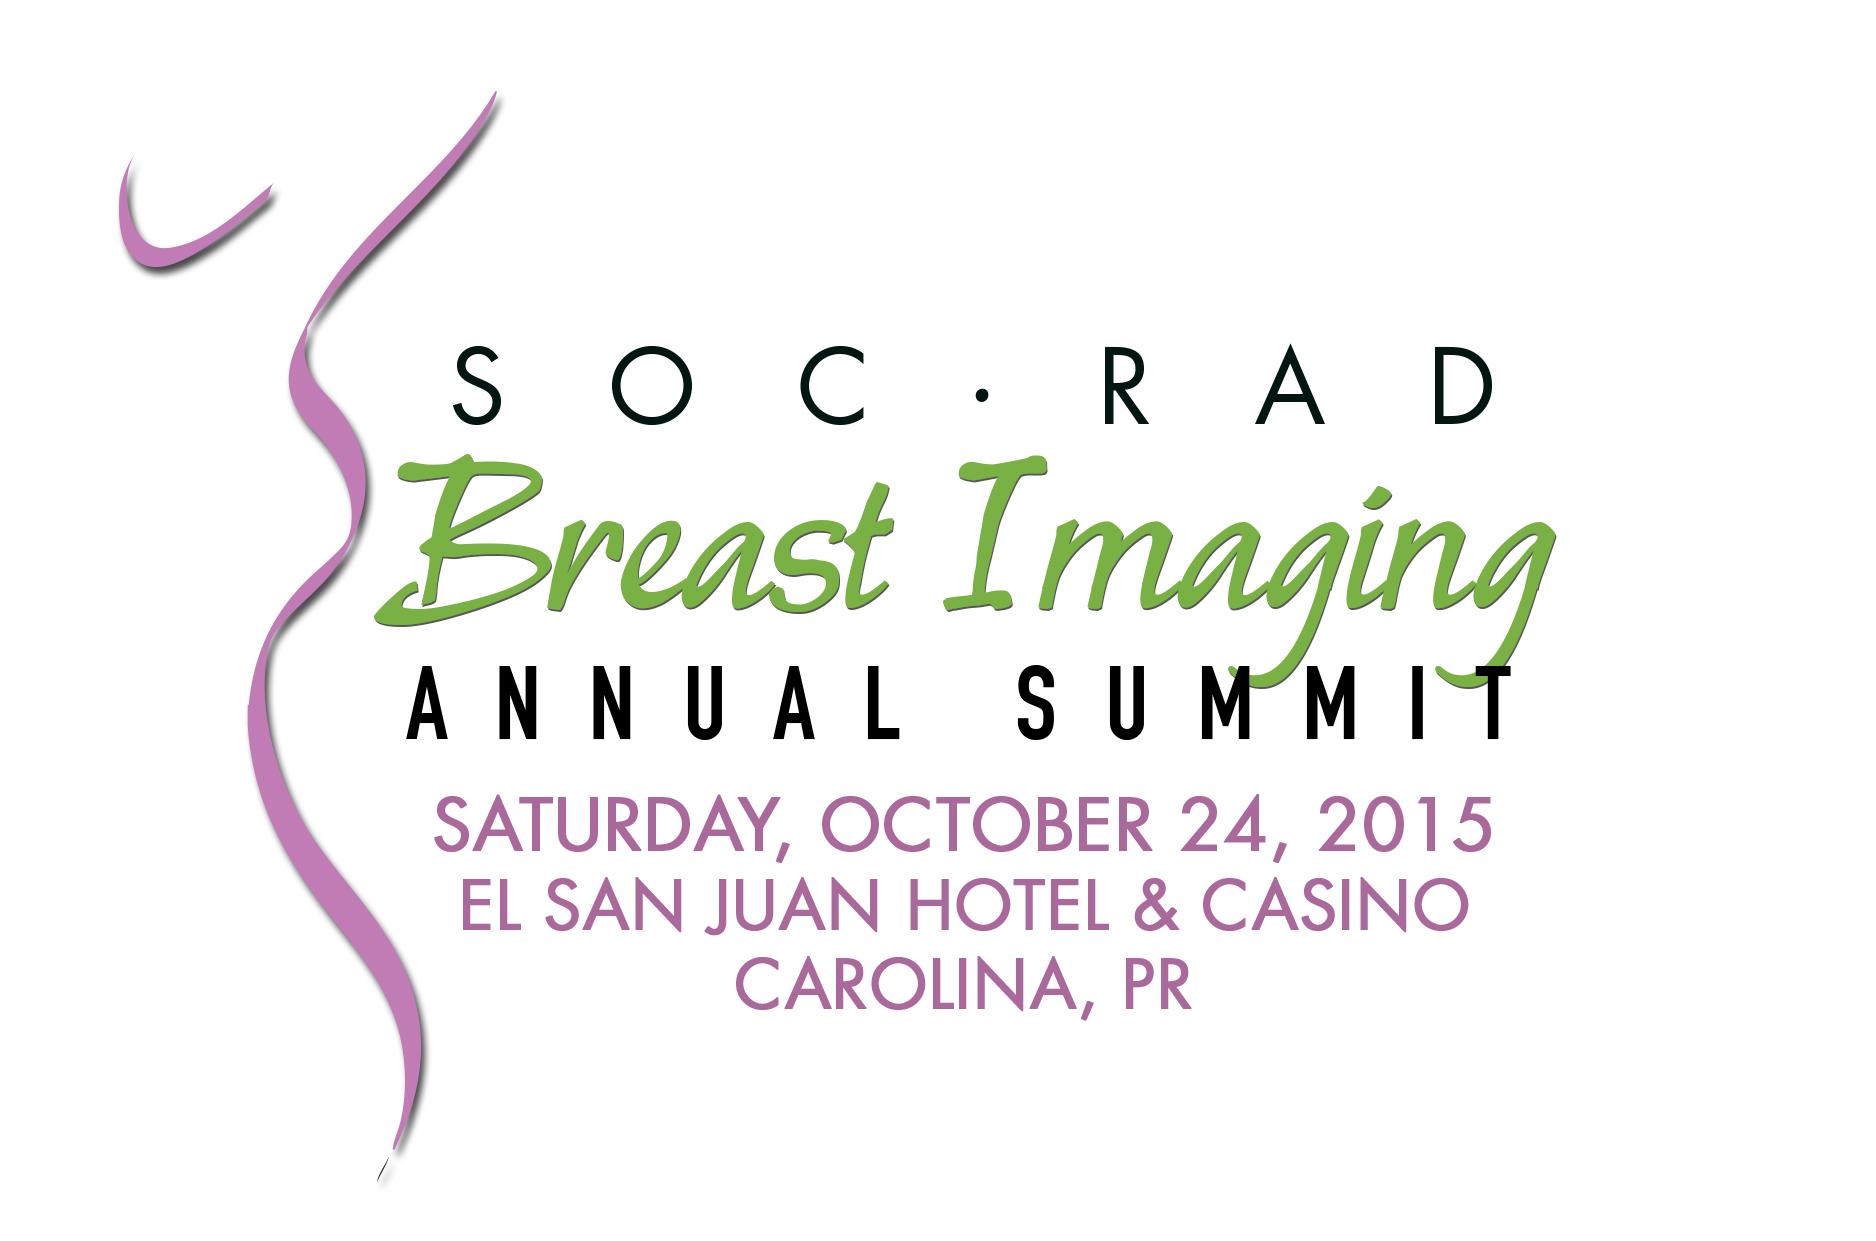 Logo Socrad Breast Imaging